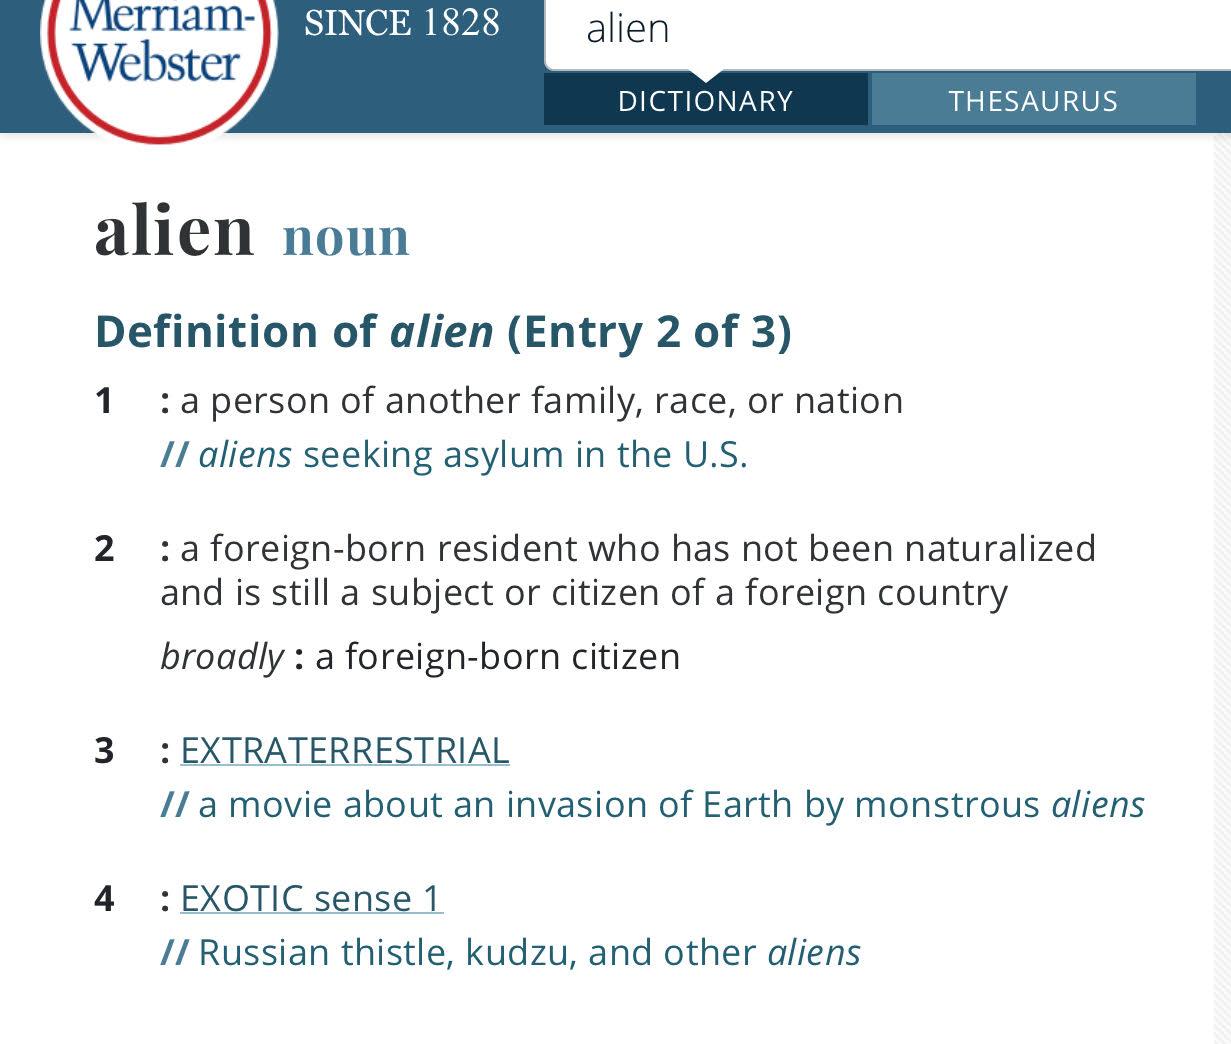 Aliendefinition.jpg